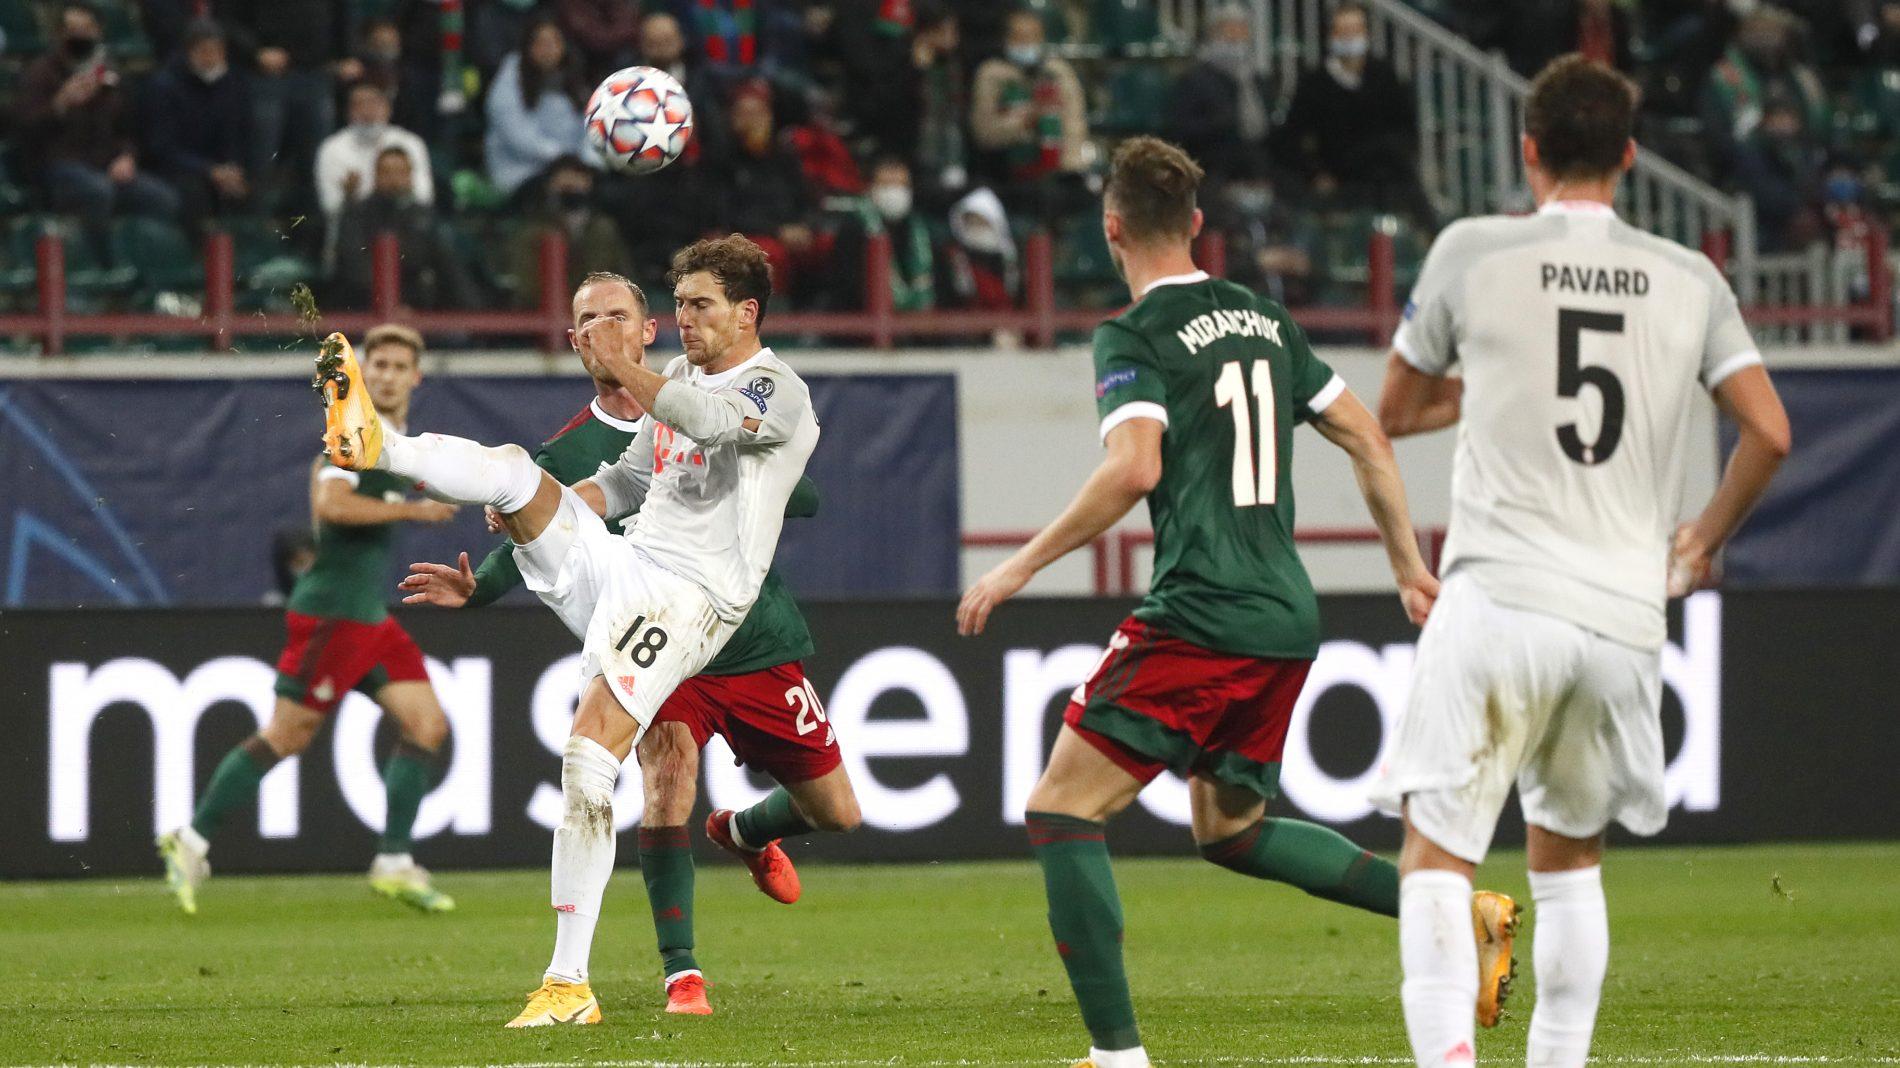 德媒:戈雷茨卡加盟拜仁以来平均每2场就参与1个进球